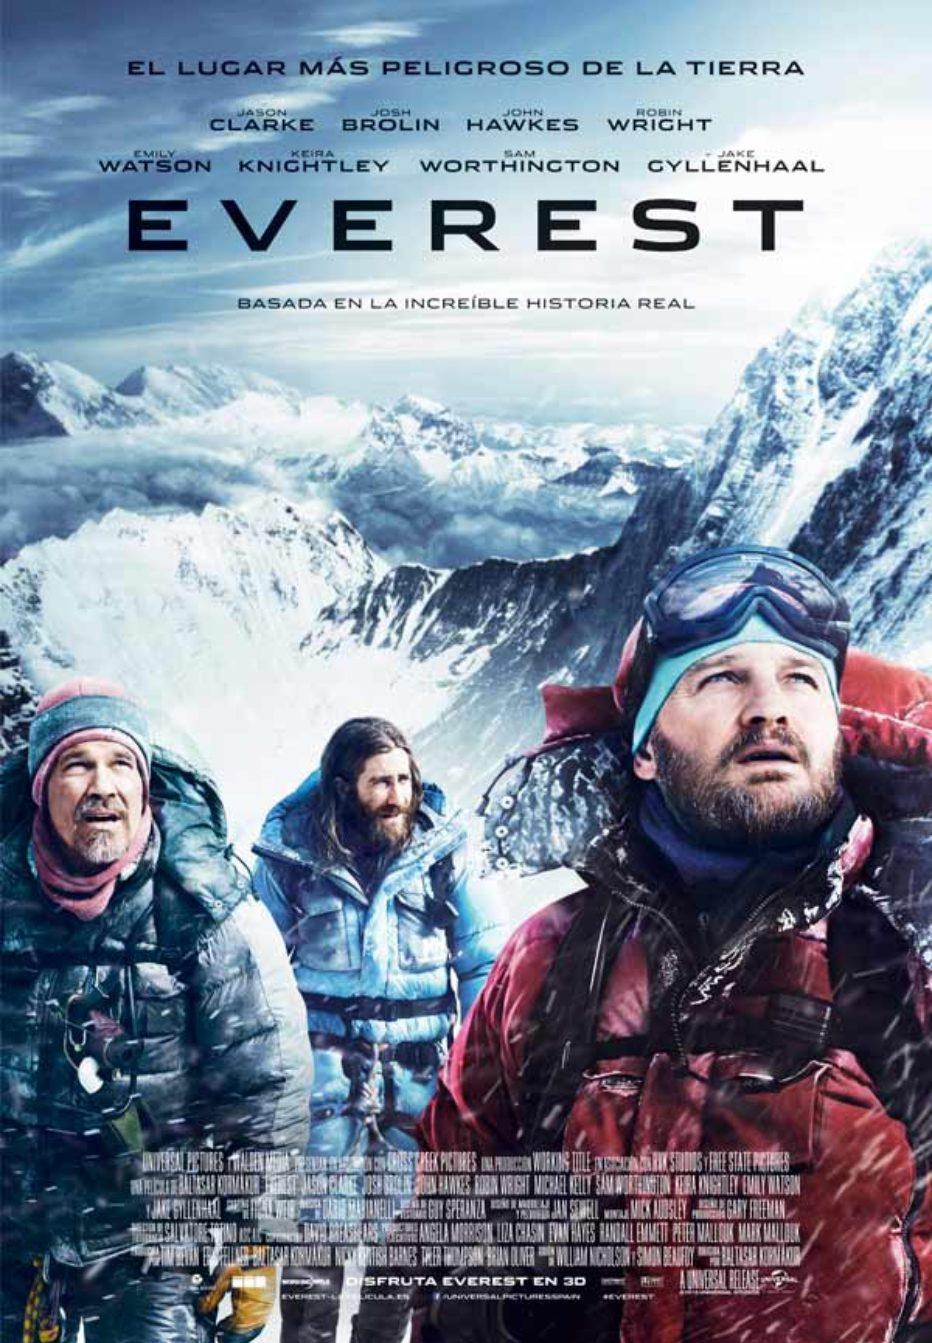 Everest, la cumbre borrascosa